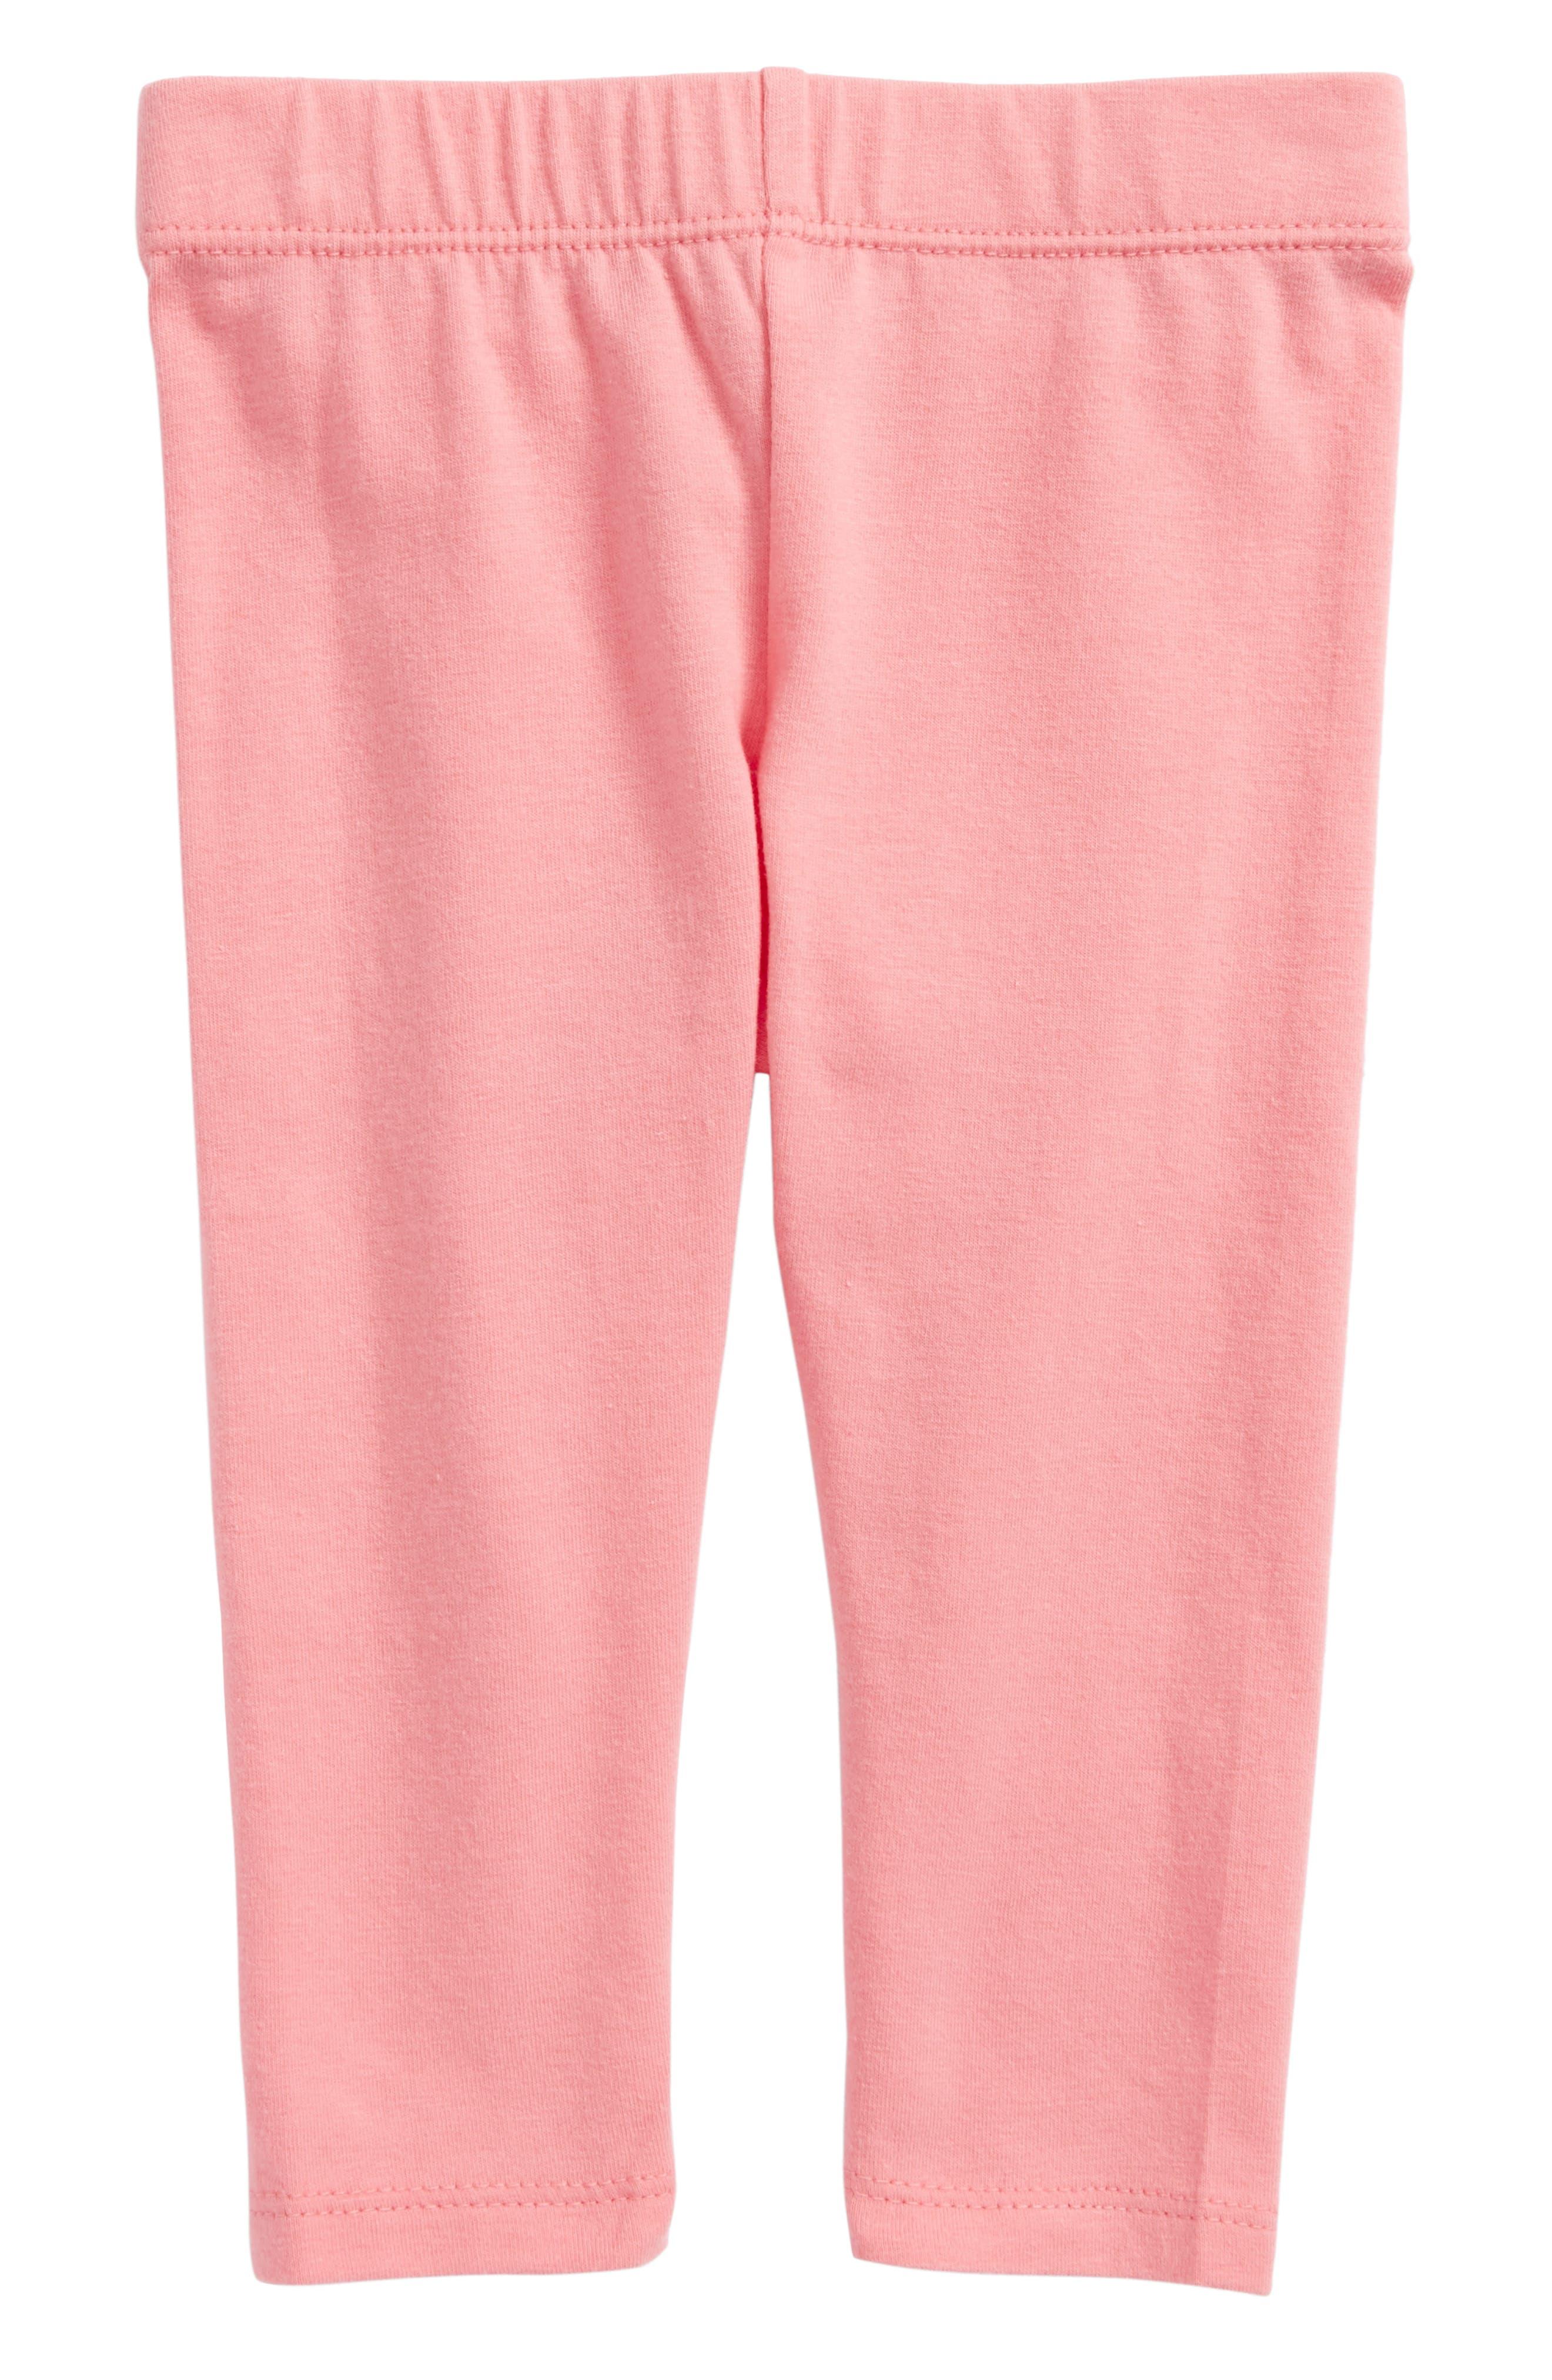 Essential Leggings,                         Main,                         color, PINK GERANIUM